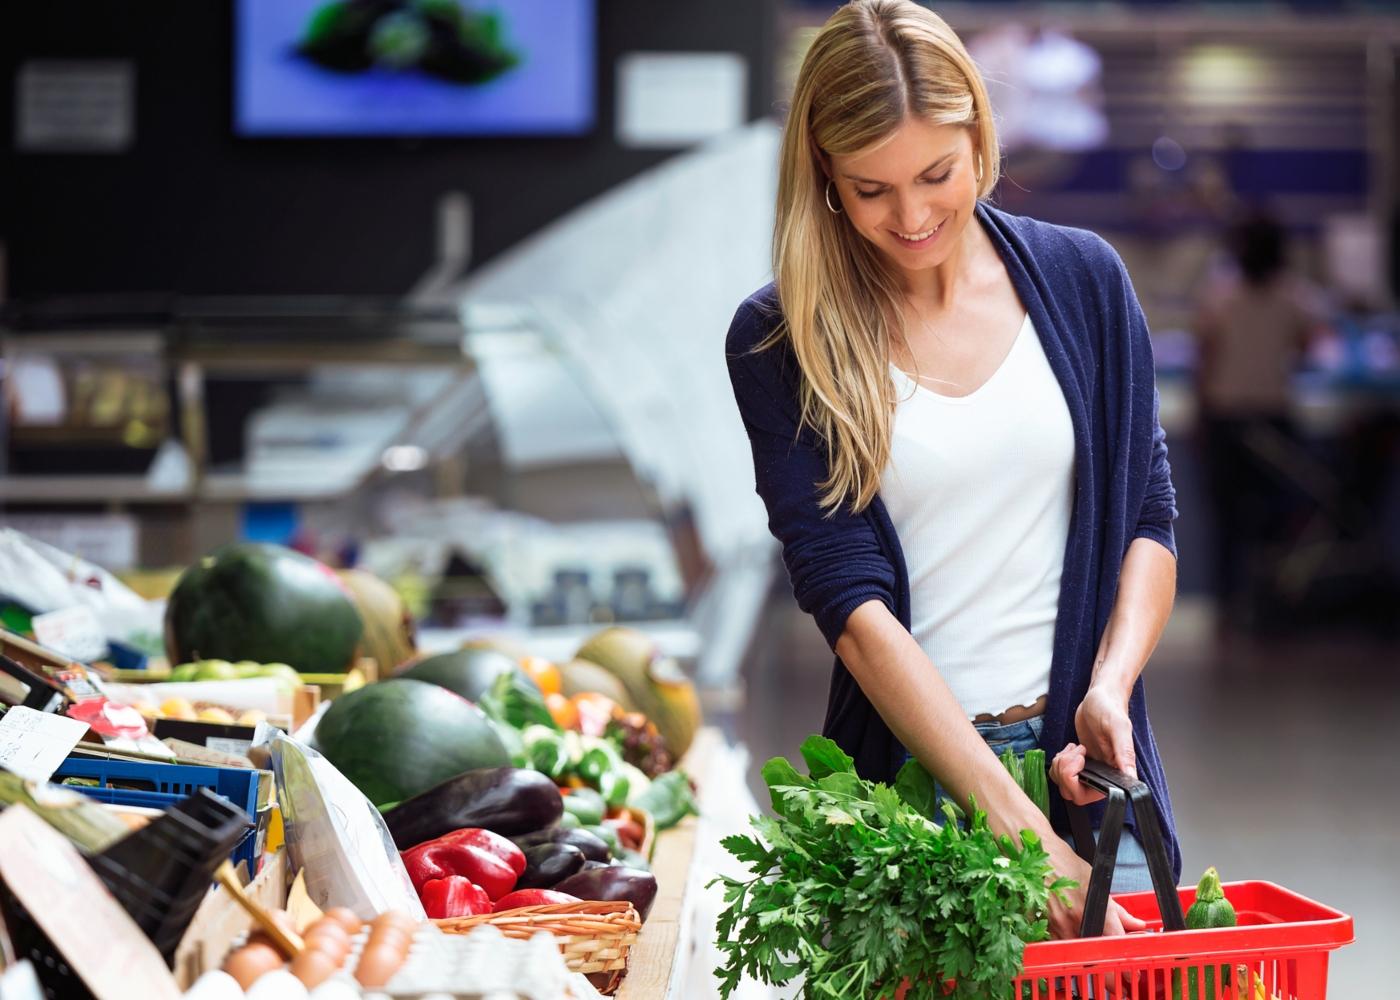 Mulher a comprar fruta e legumes no supermercado